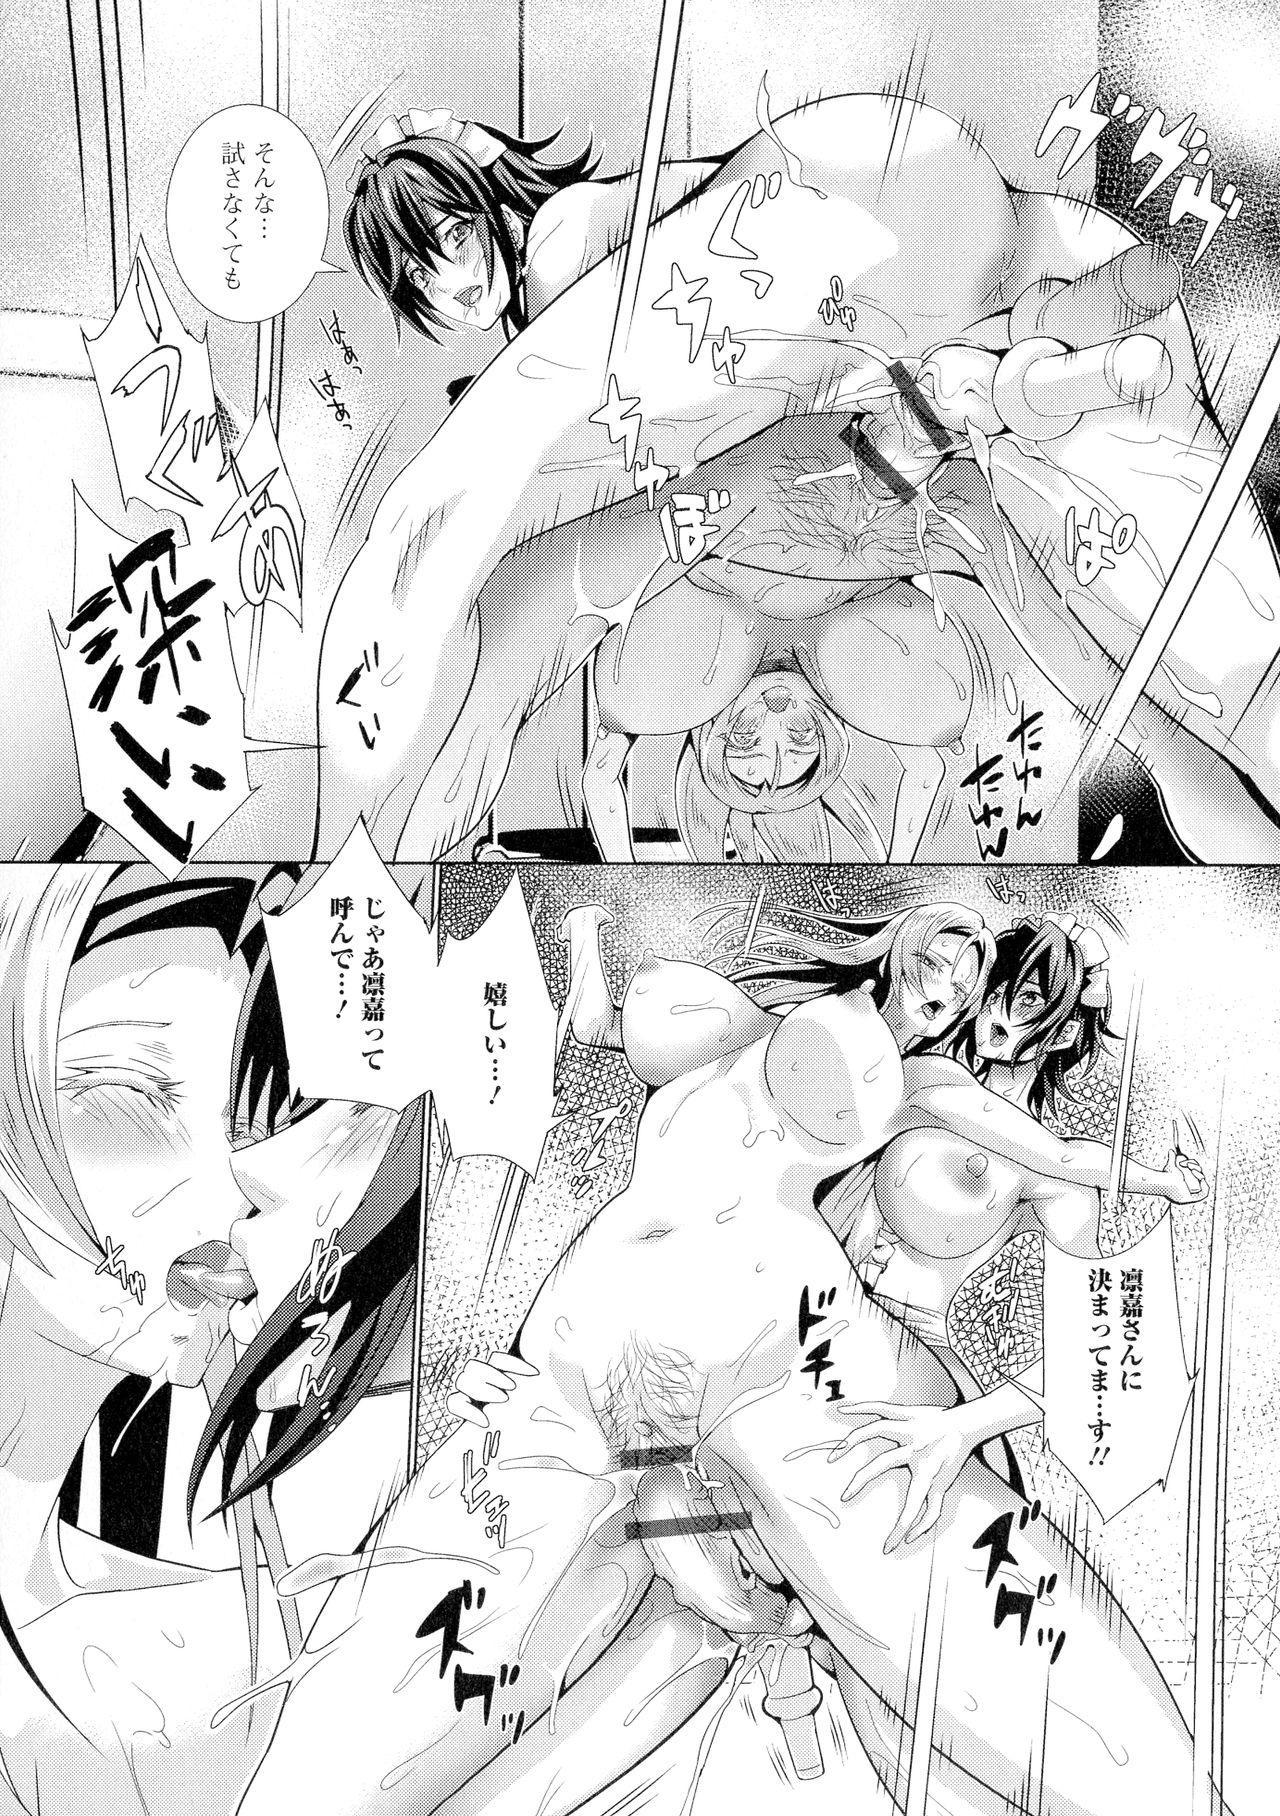 Futanari Tsunagari - Androgynos Sexual intercourse 93